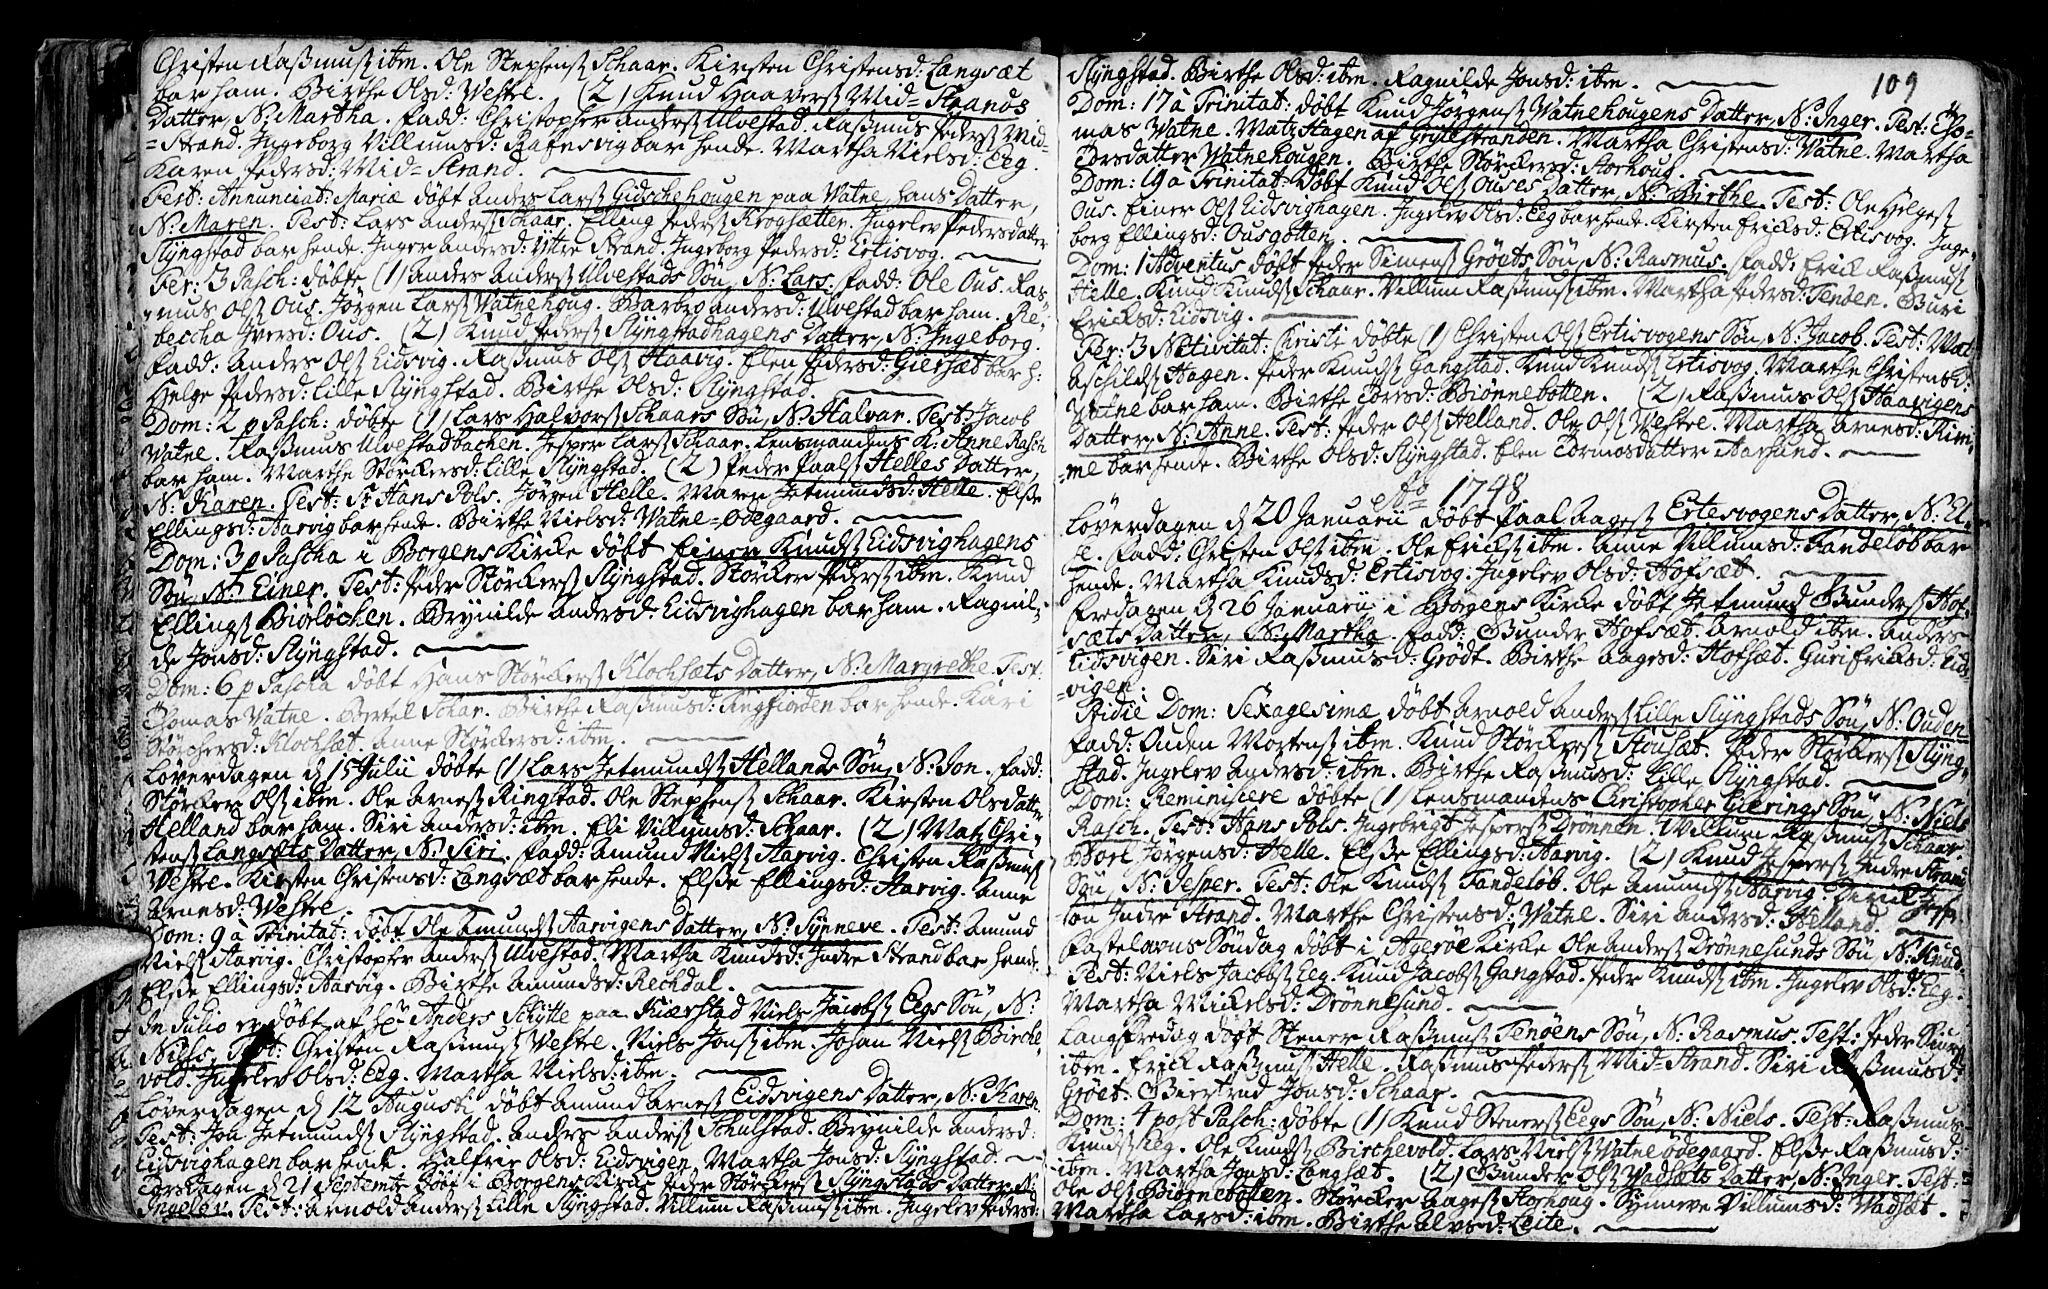 SAT, Ministerialprotokoller, klokkerbøker og fødselsregistre - Møre og Romsdal, 525/L0371: Ministerialbok nr. 525A01, 1699-1777, s. 109